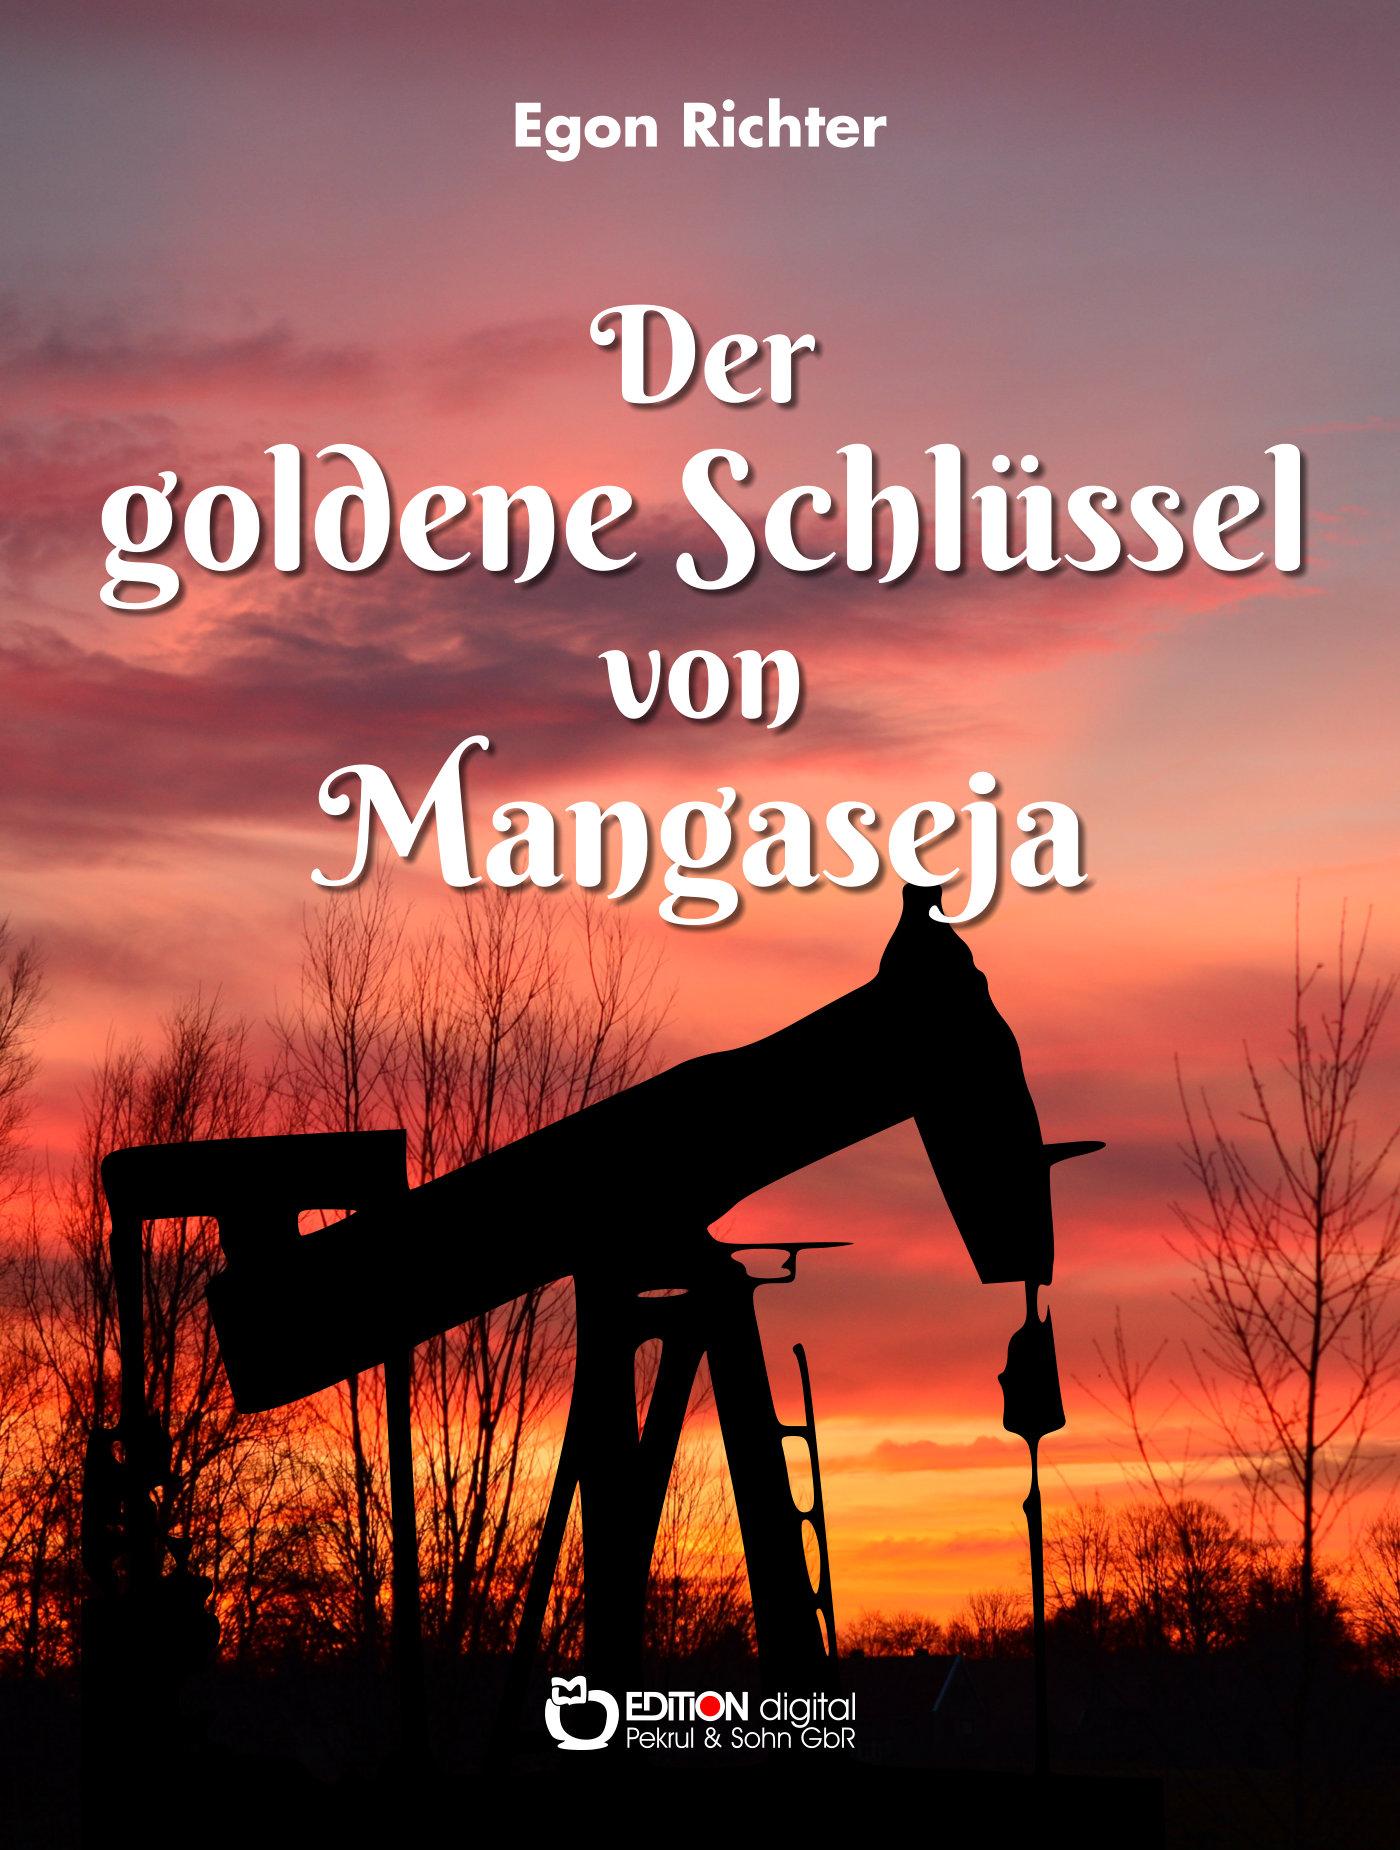 Der goldene Schlüssel von Mangaseja von Egon Richter